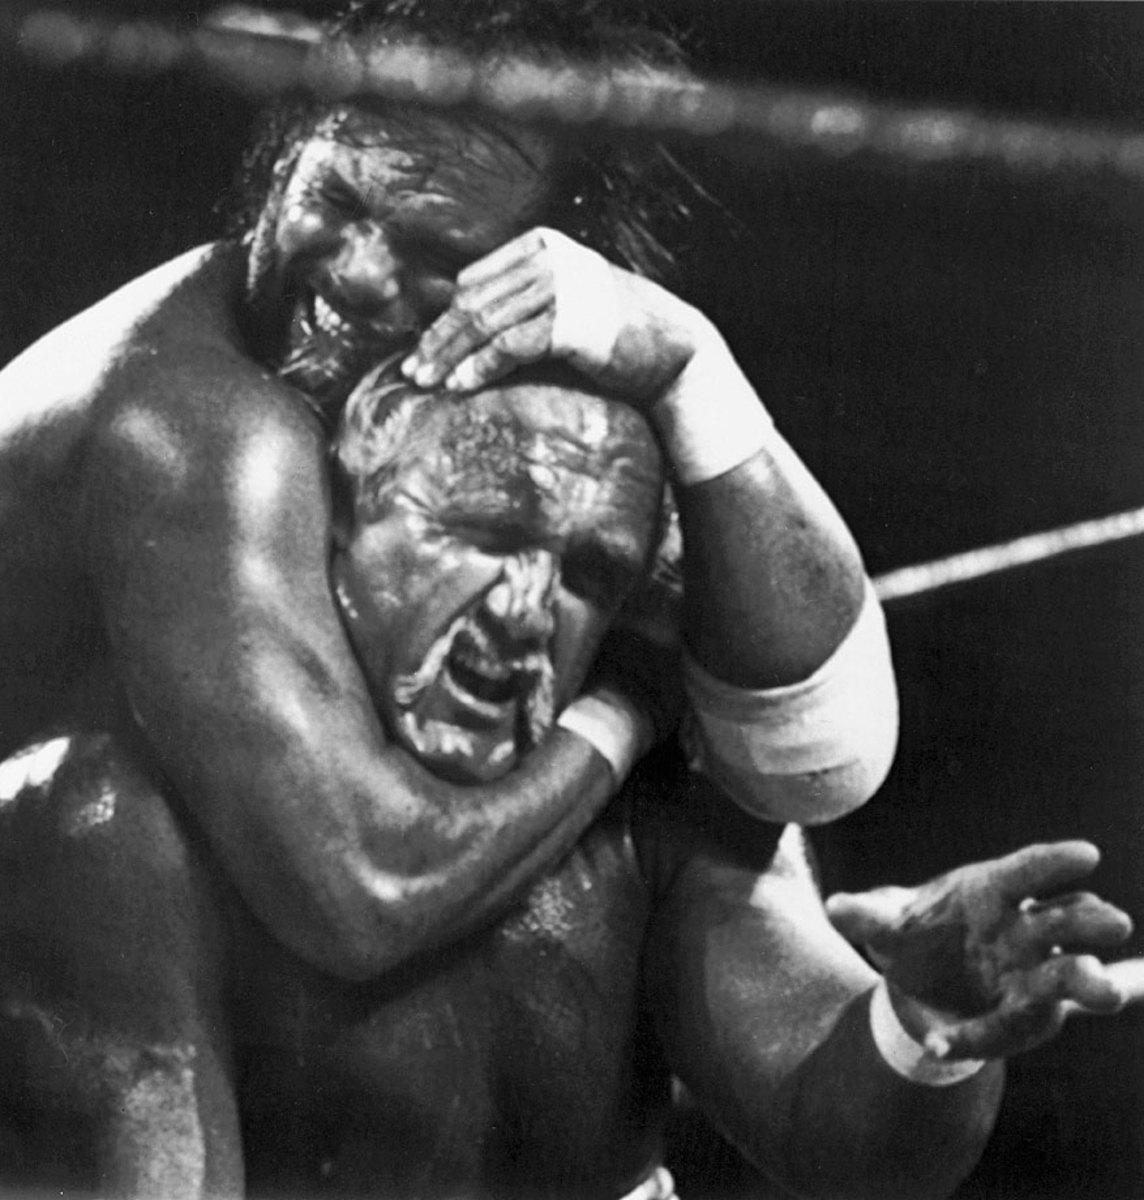 hulk-hogan-macho-man-randy-savage-wrestlemania-v.jpg